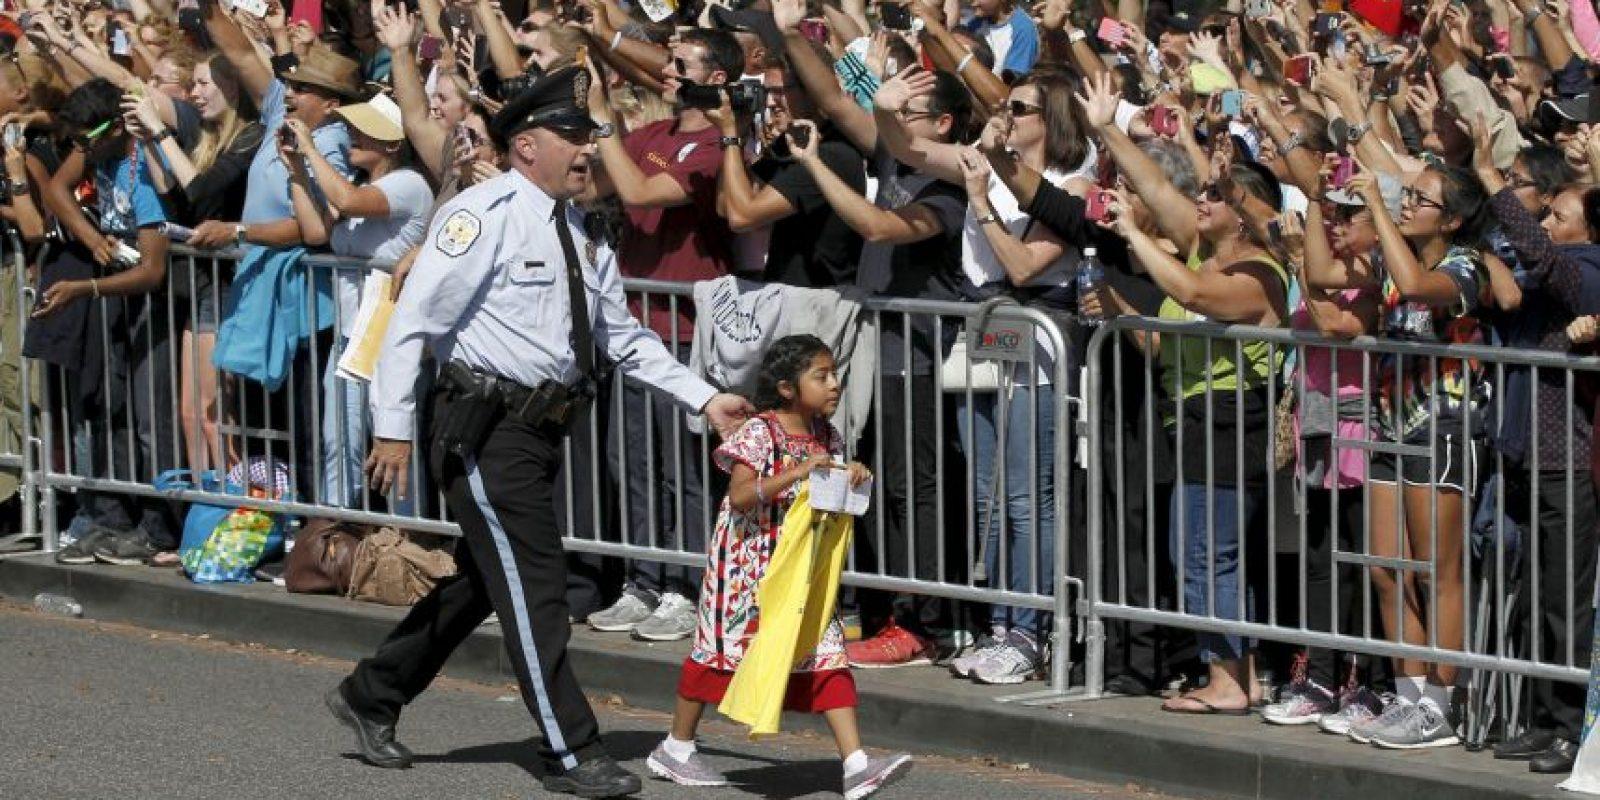 Sophia Cruz protagonizó una conmovedora escena con el Papa Francisco Foto:AP